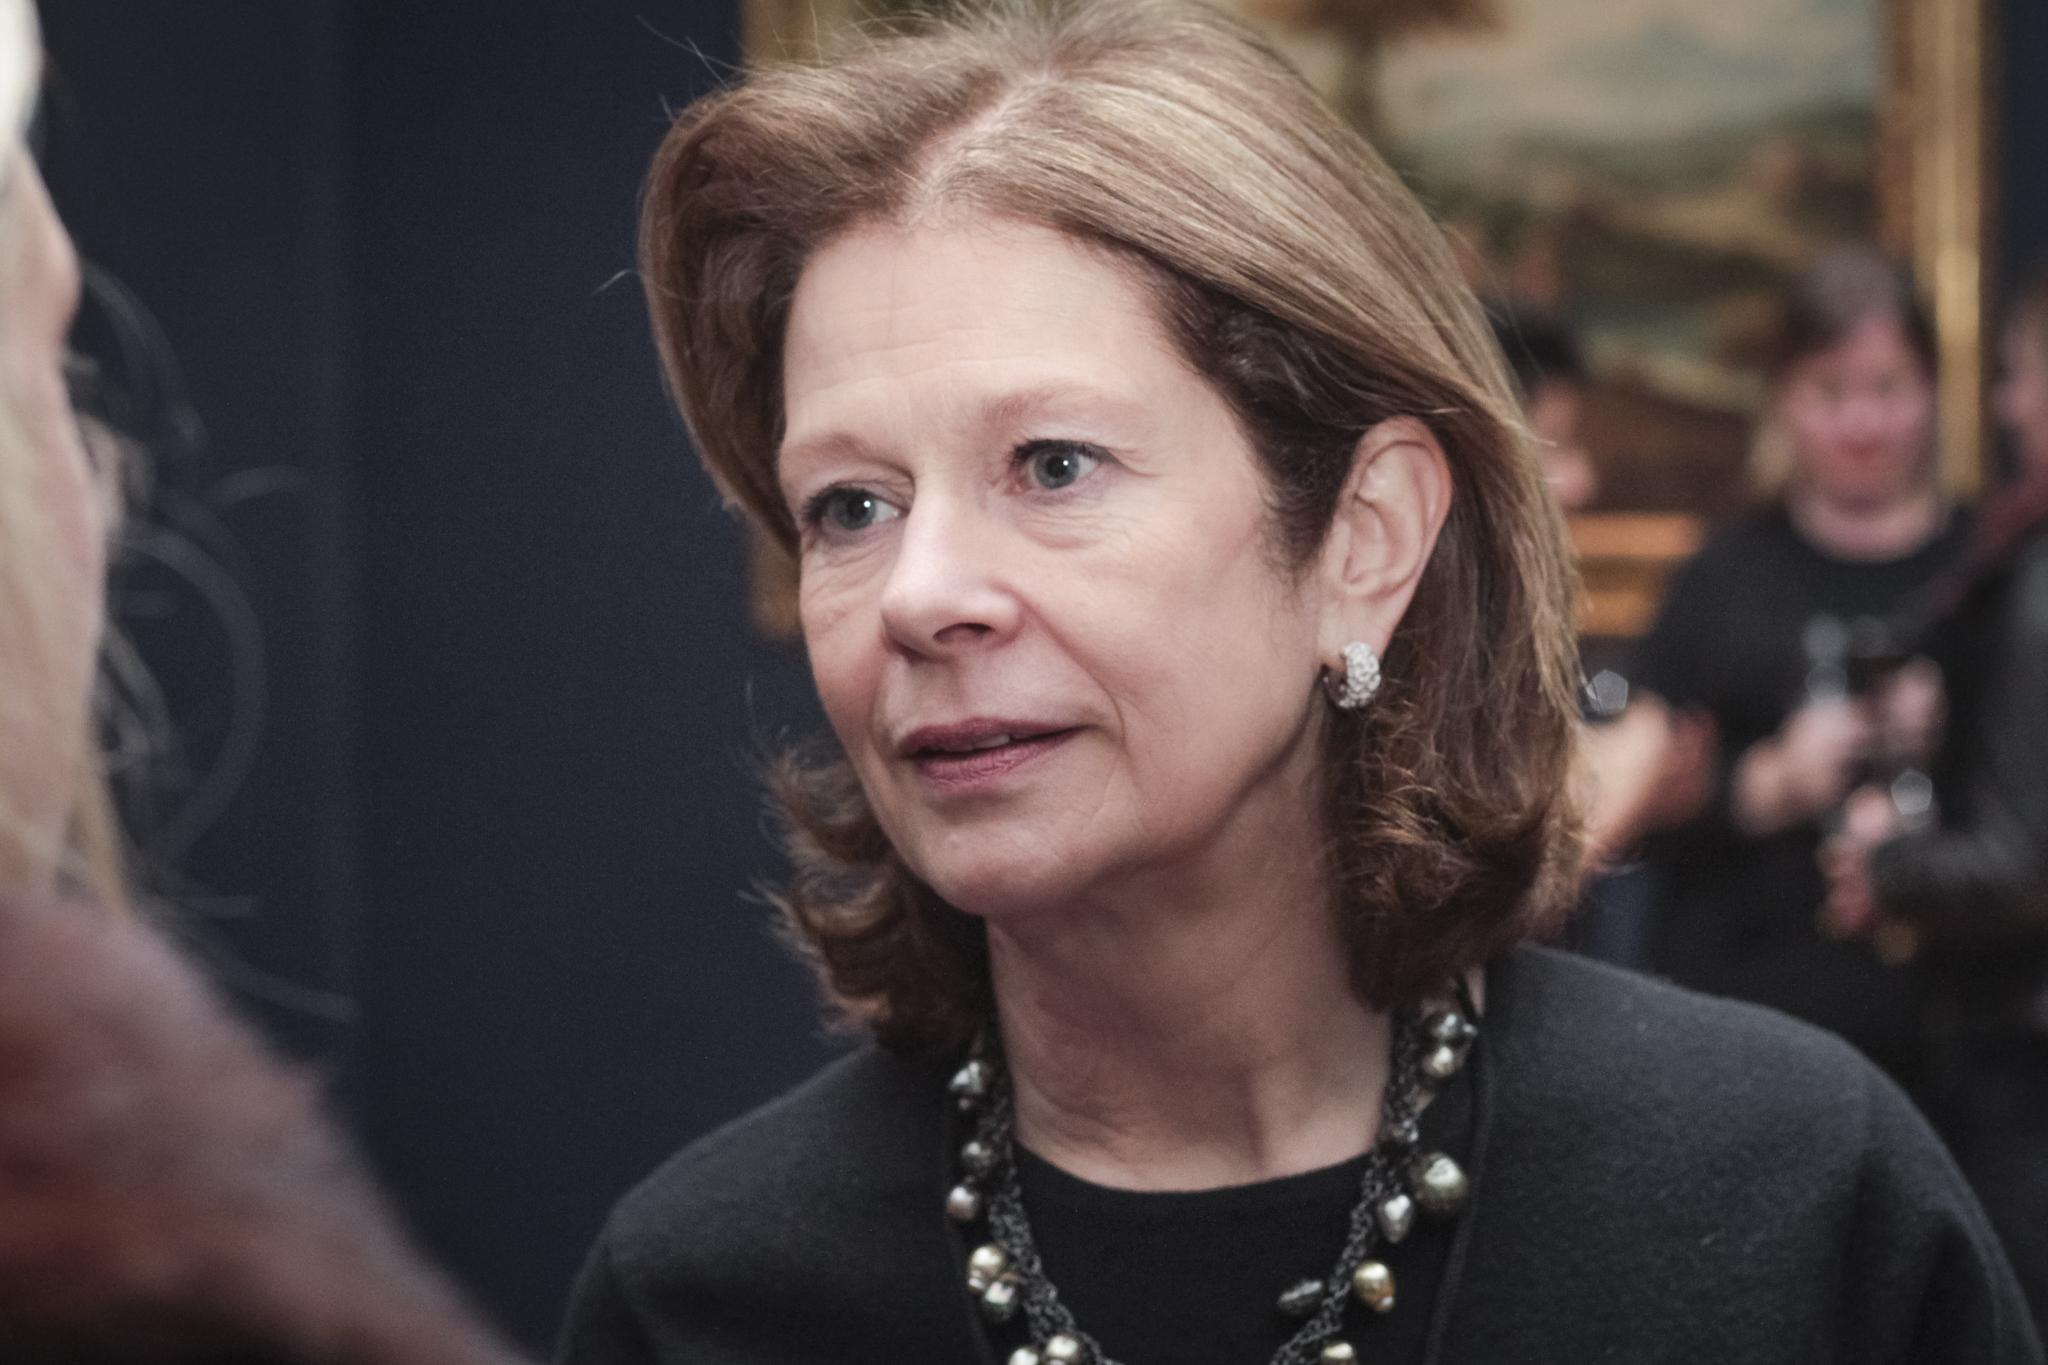 Diana Cawdell